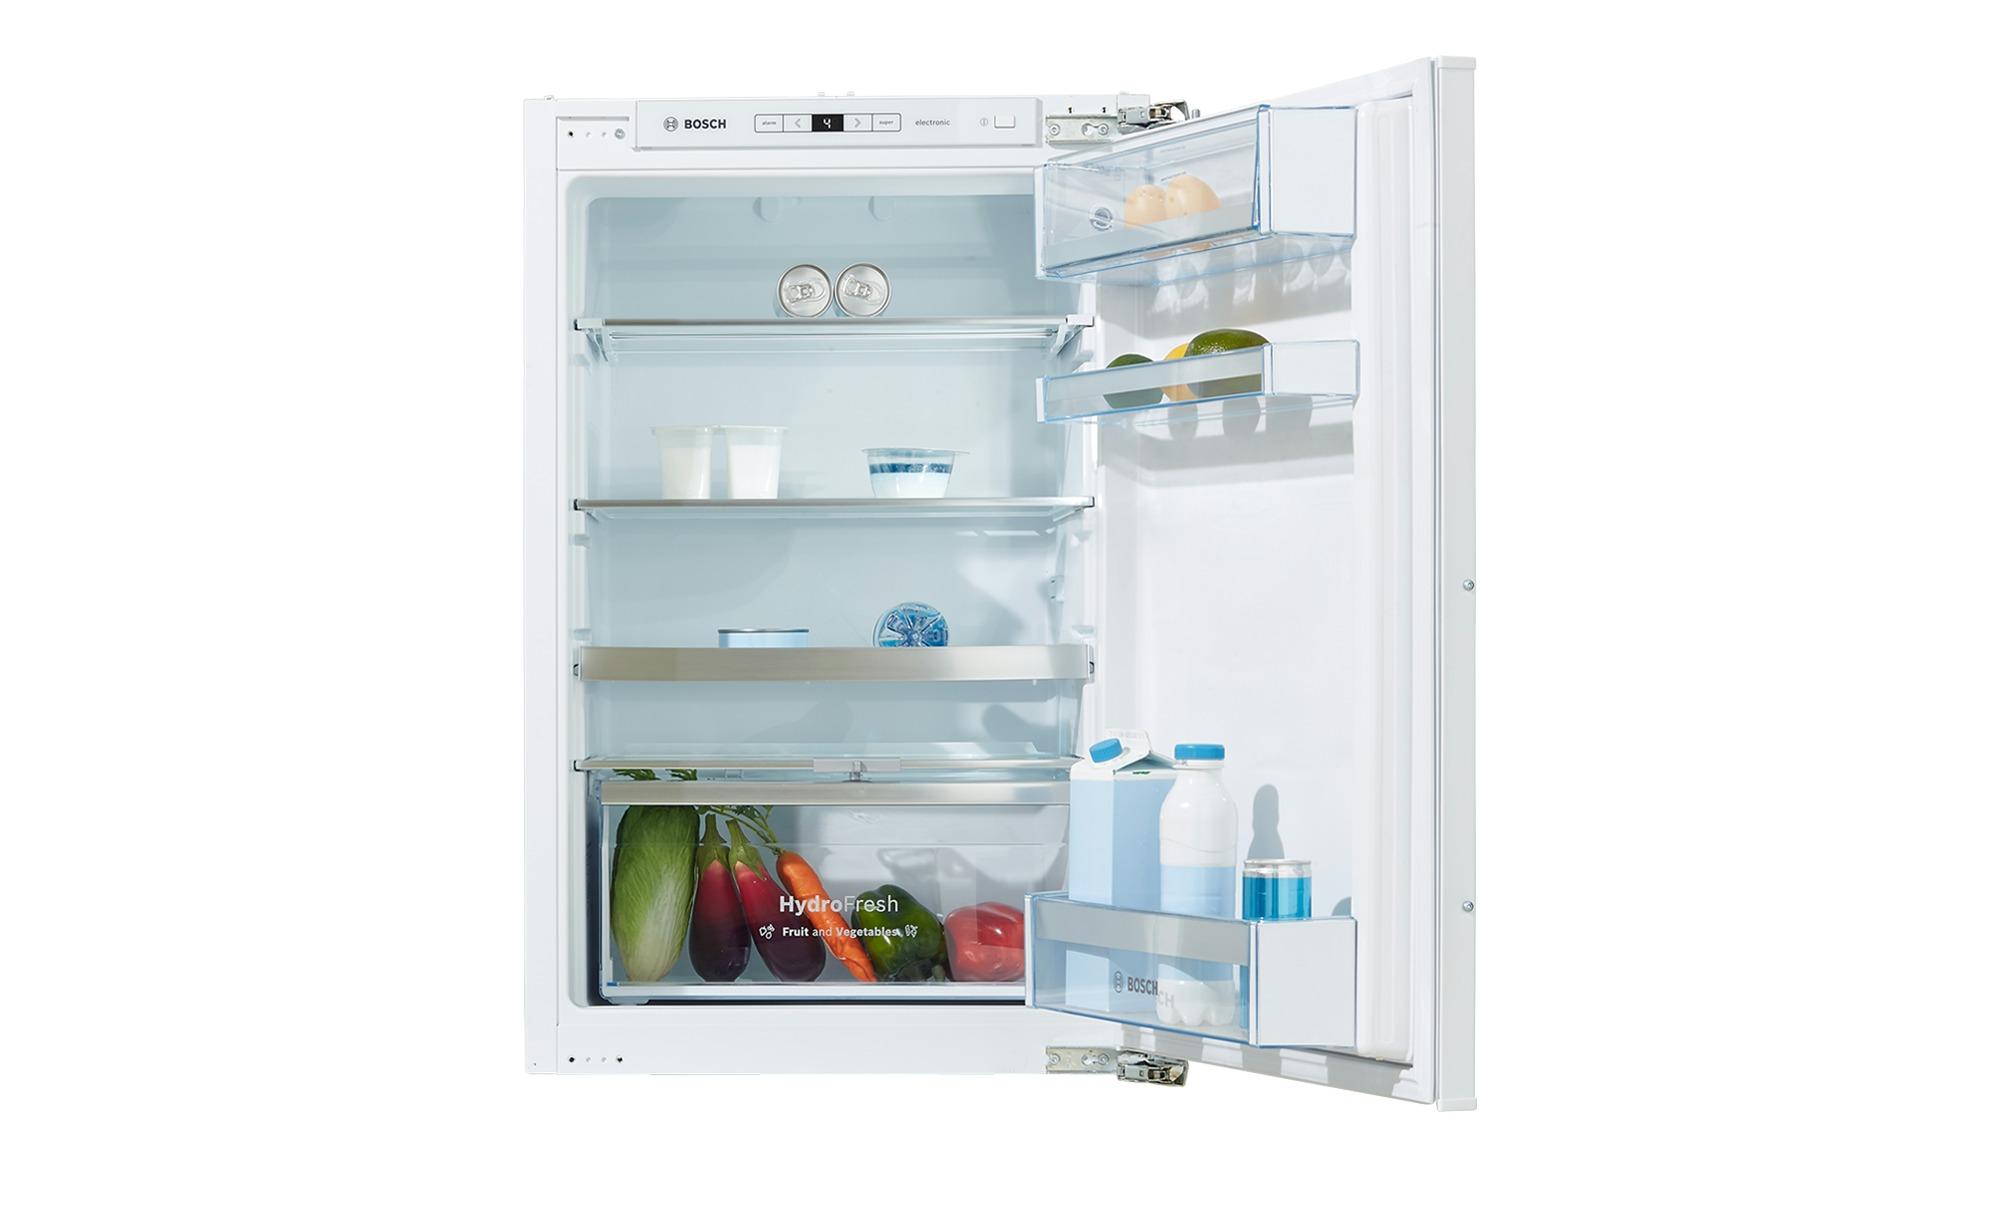 Bosch Einbau Kühlschrank Kir 21af30 Möbel Höffner